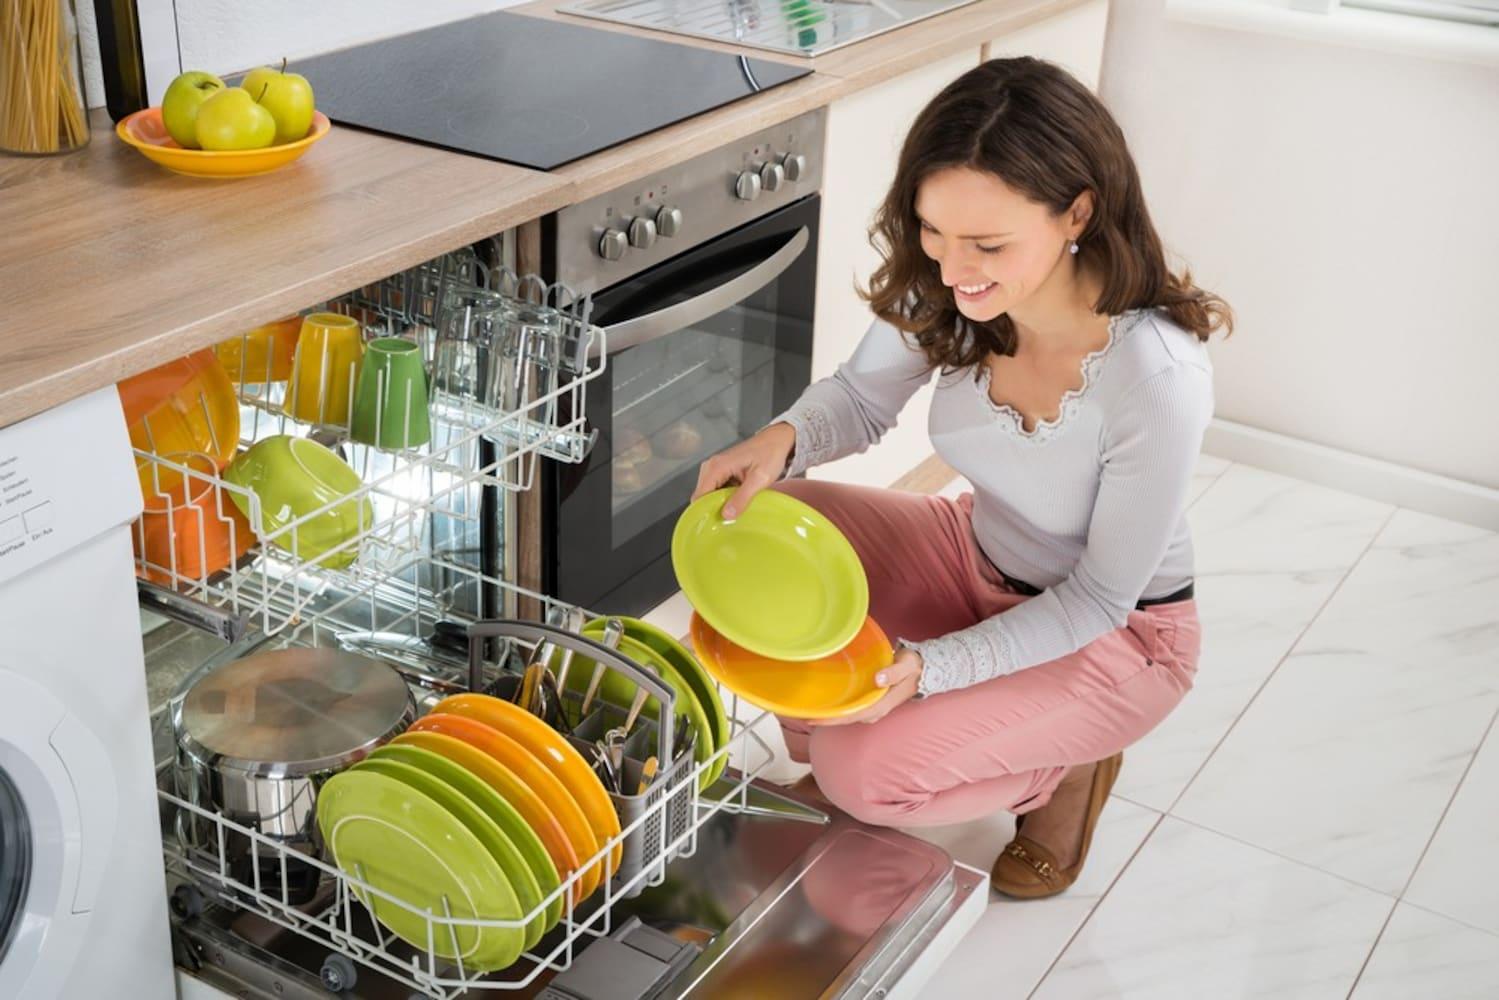 食洗機は対応可能?大人の利便性も確認